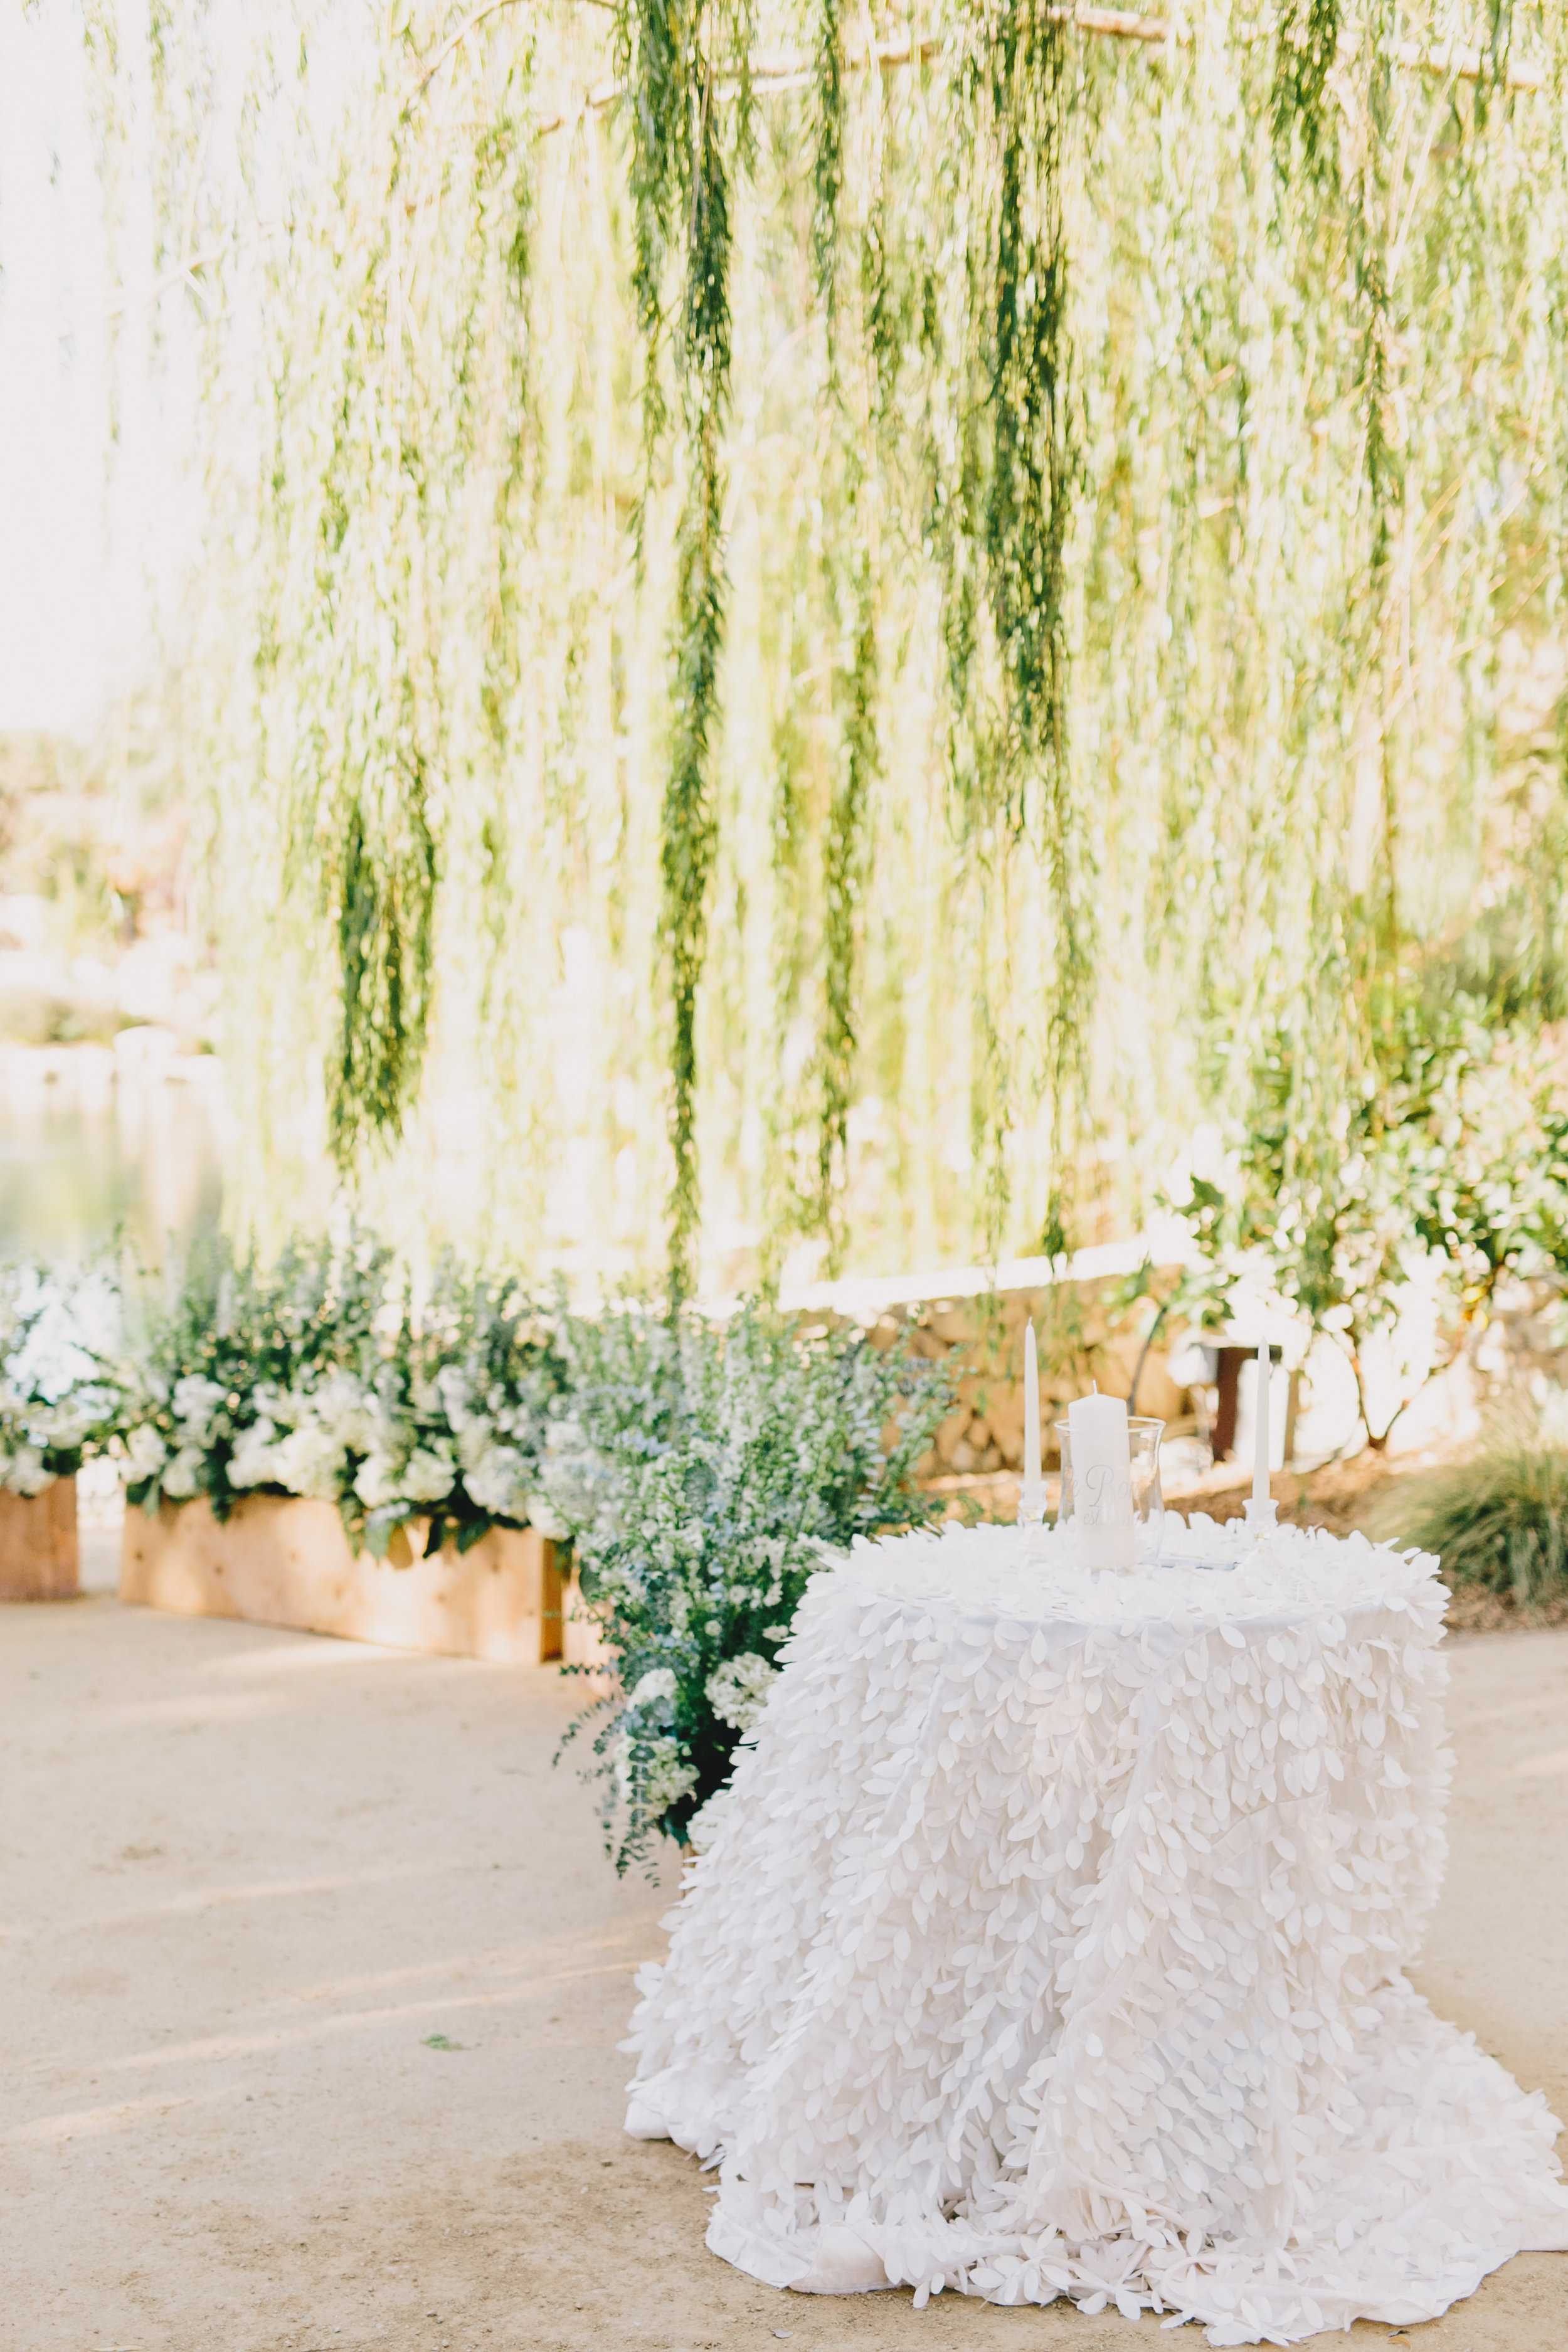 D_N_weddingimages_JNP-80.jpg